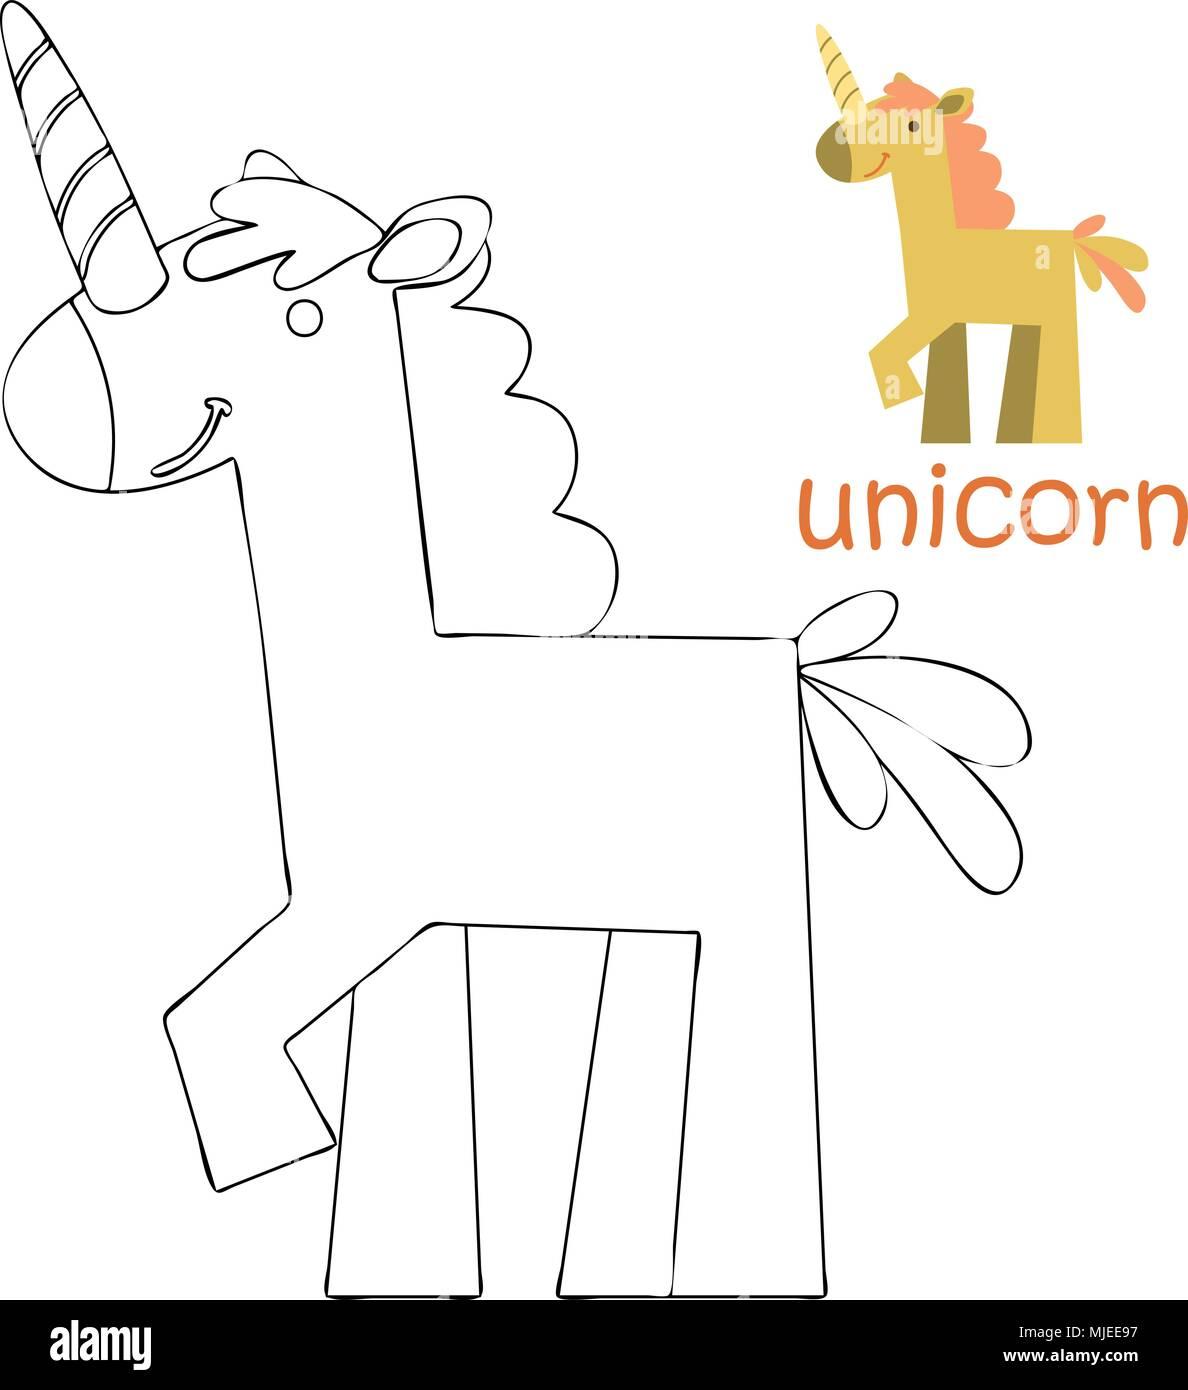 Página para colorear para niños - unicornio Ilustración del Vector ...